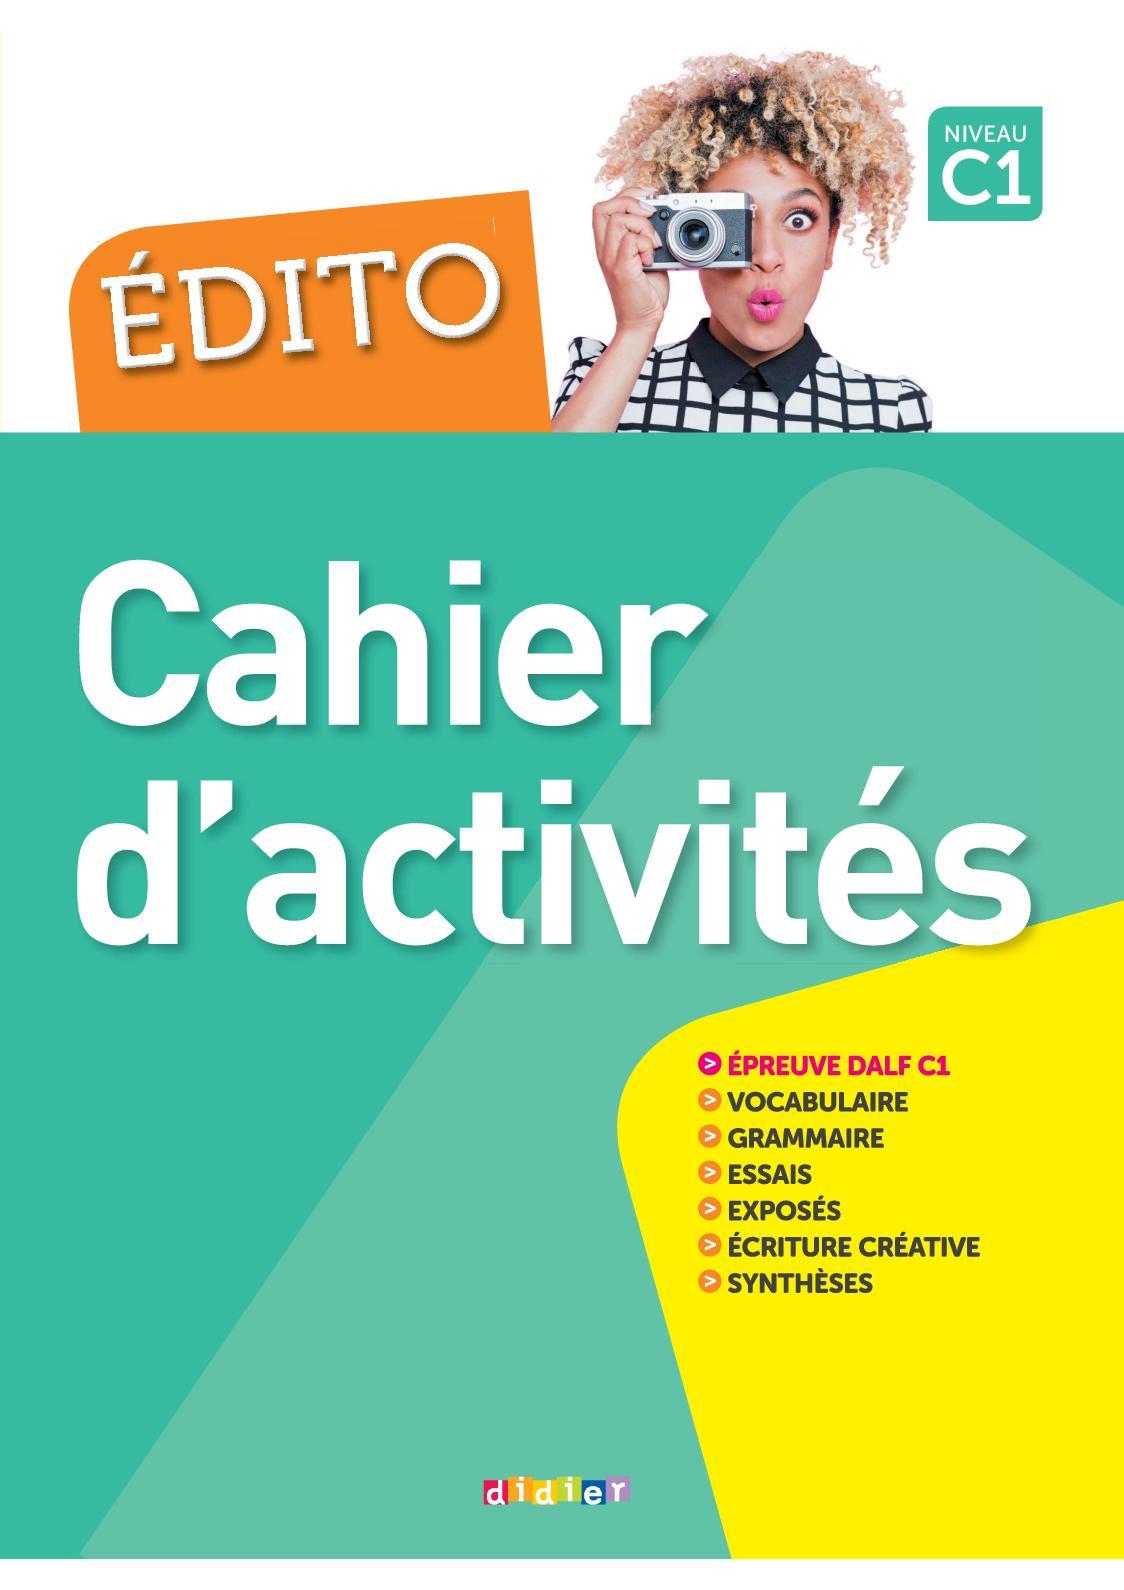 Edito C1 - Extrait cahier d'activités